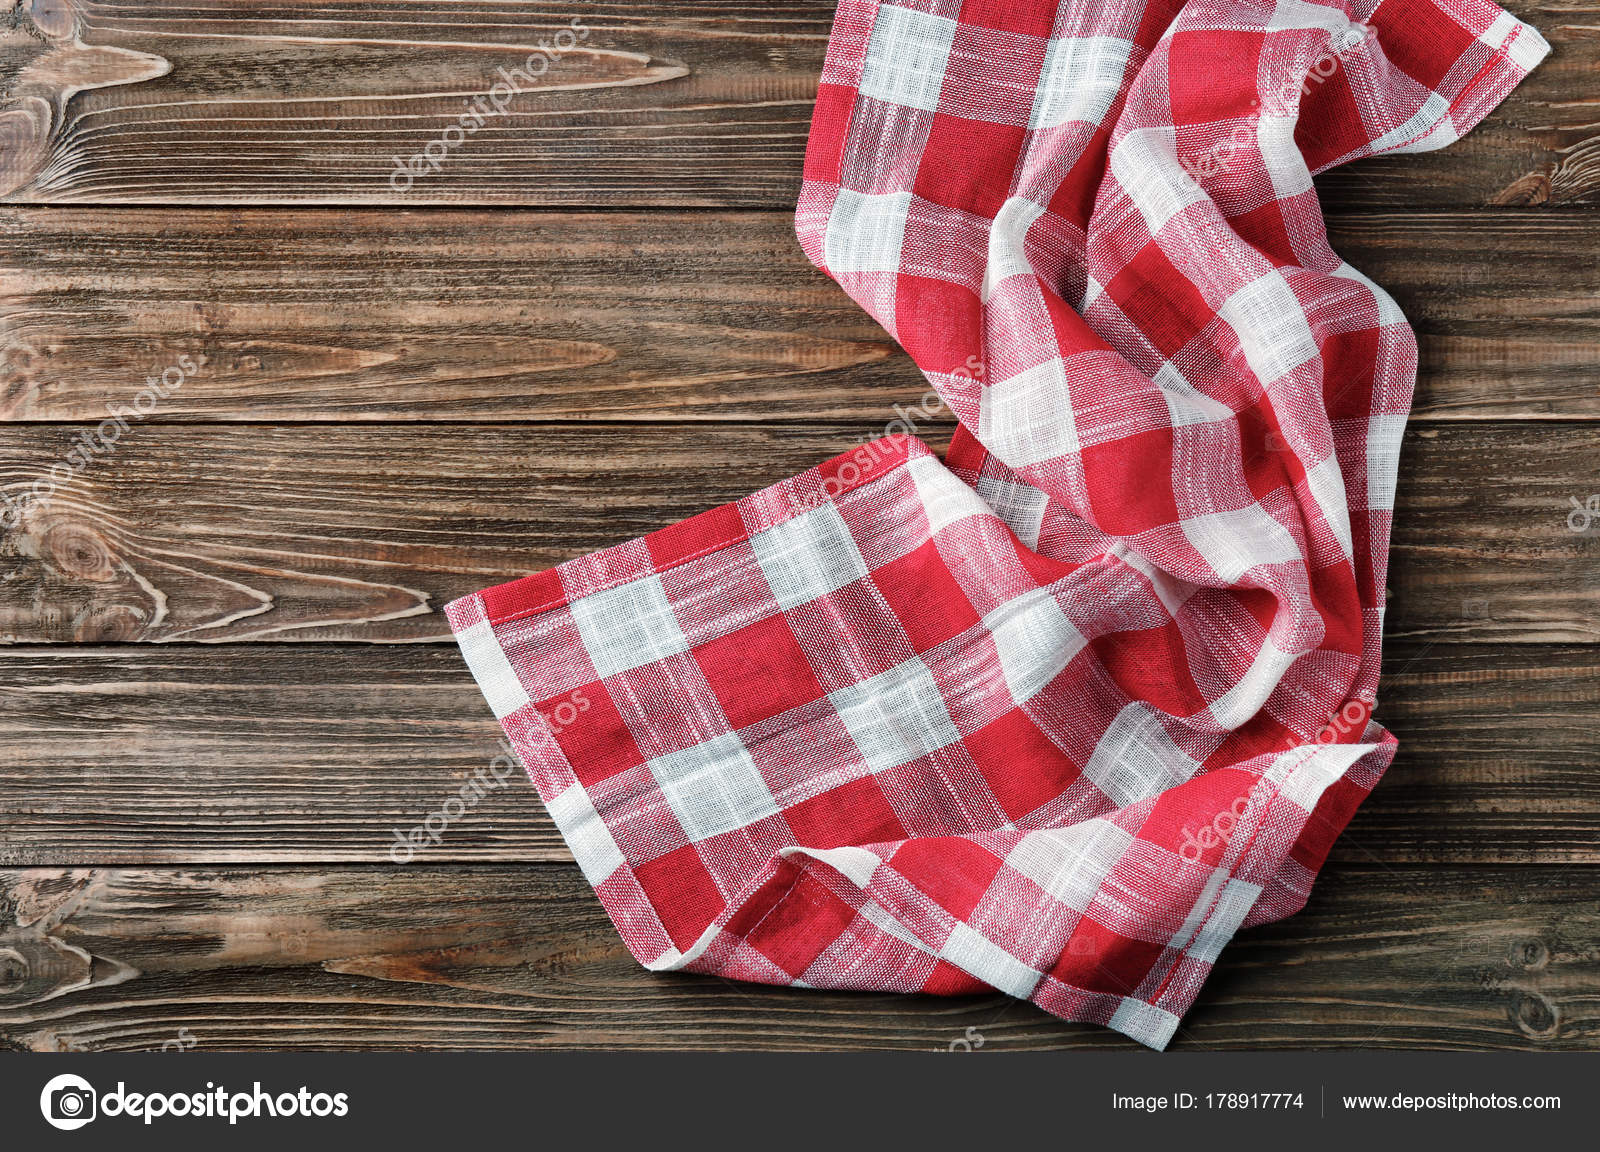 kitchen towel drainboard sink 木桌格子厨房巾 图库照片 c belchonock 178917774